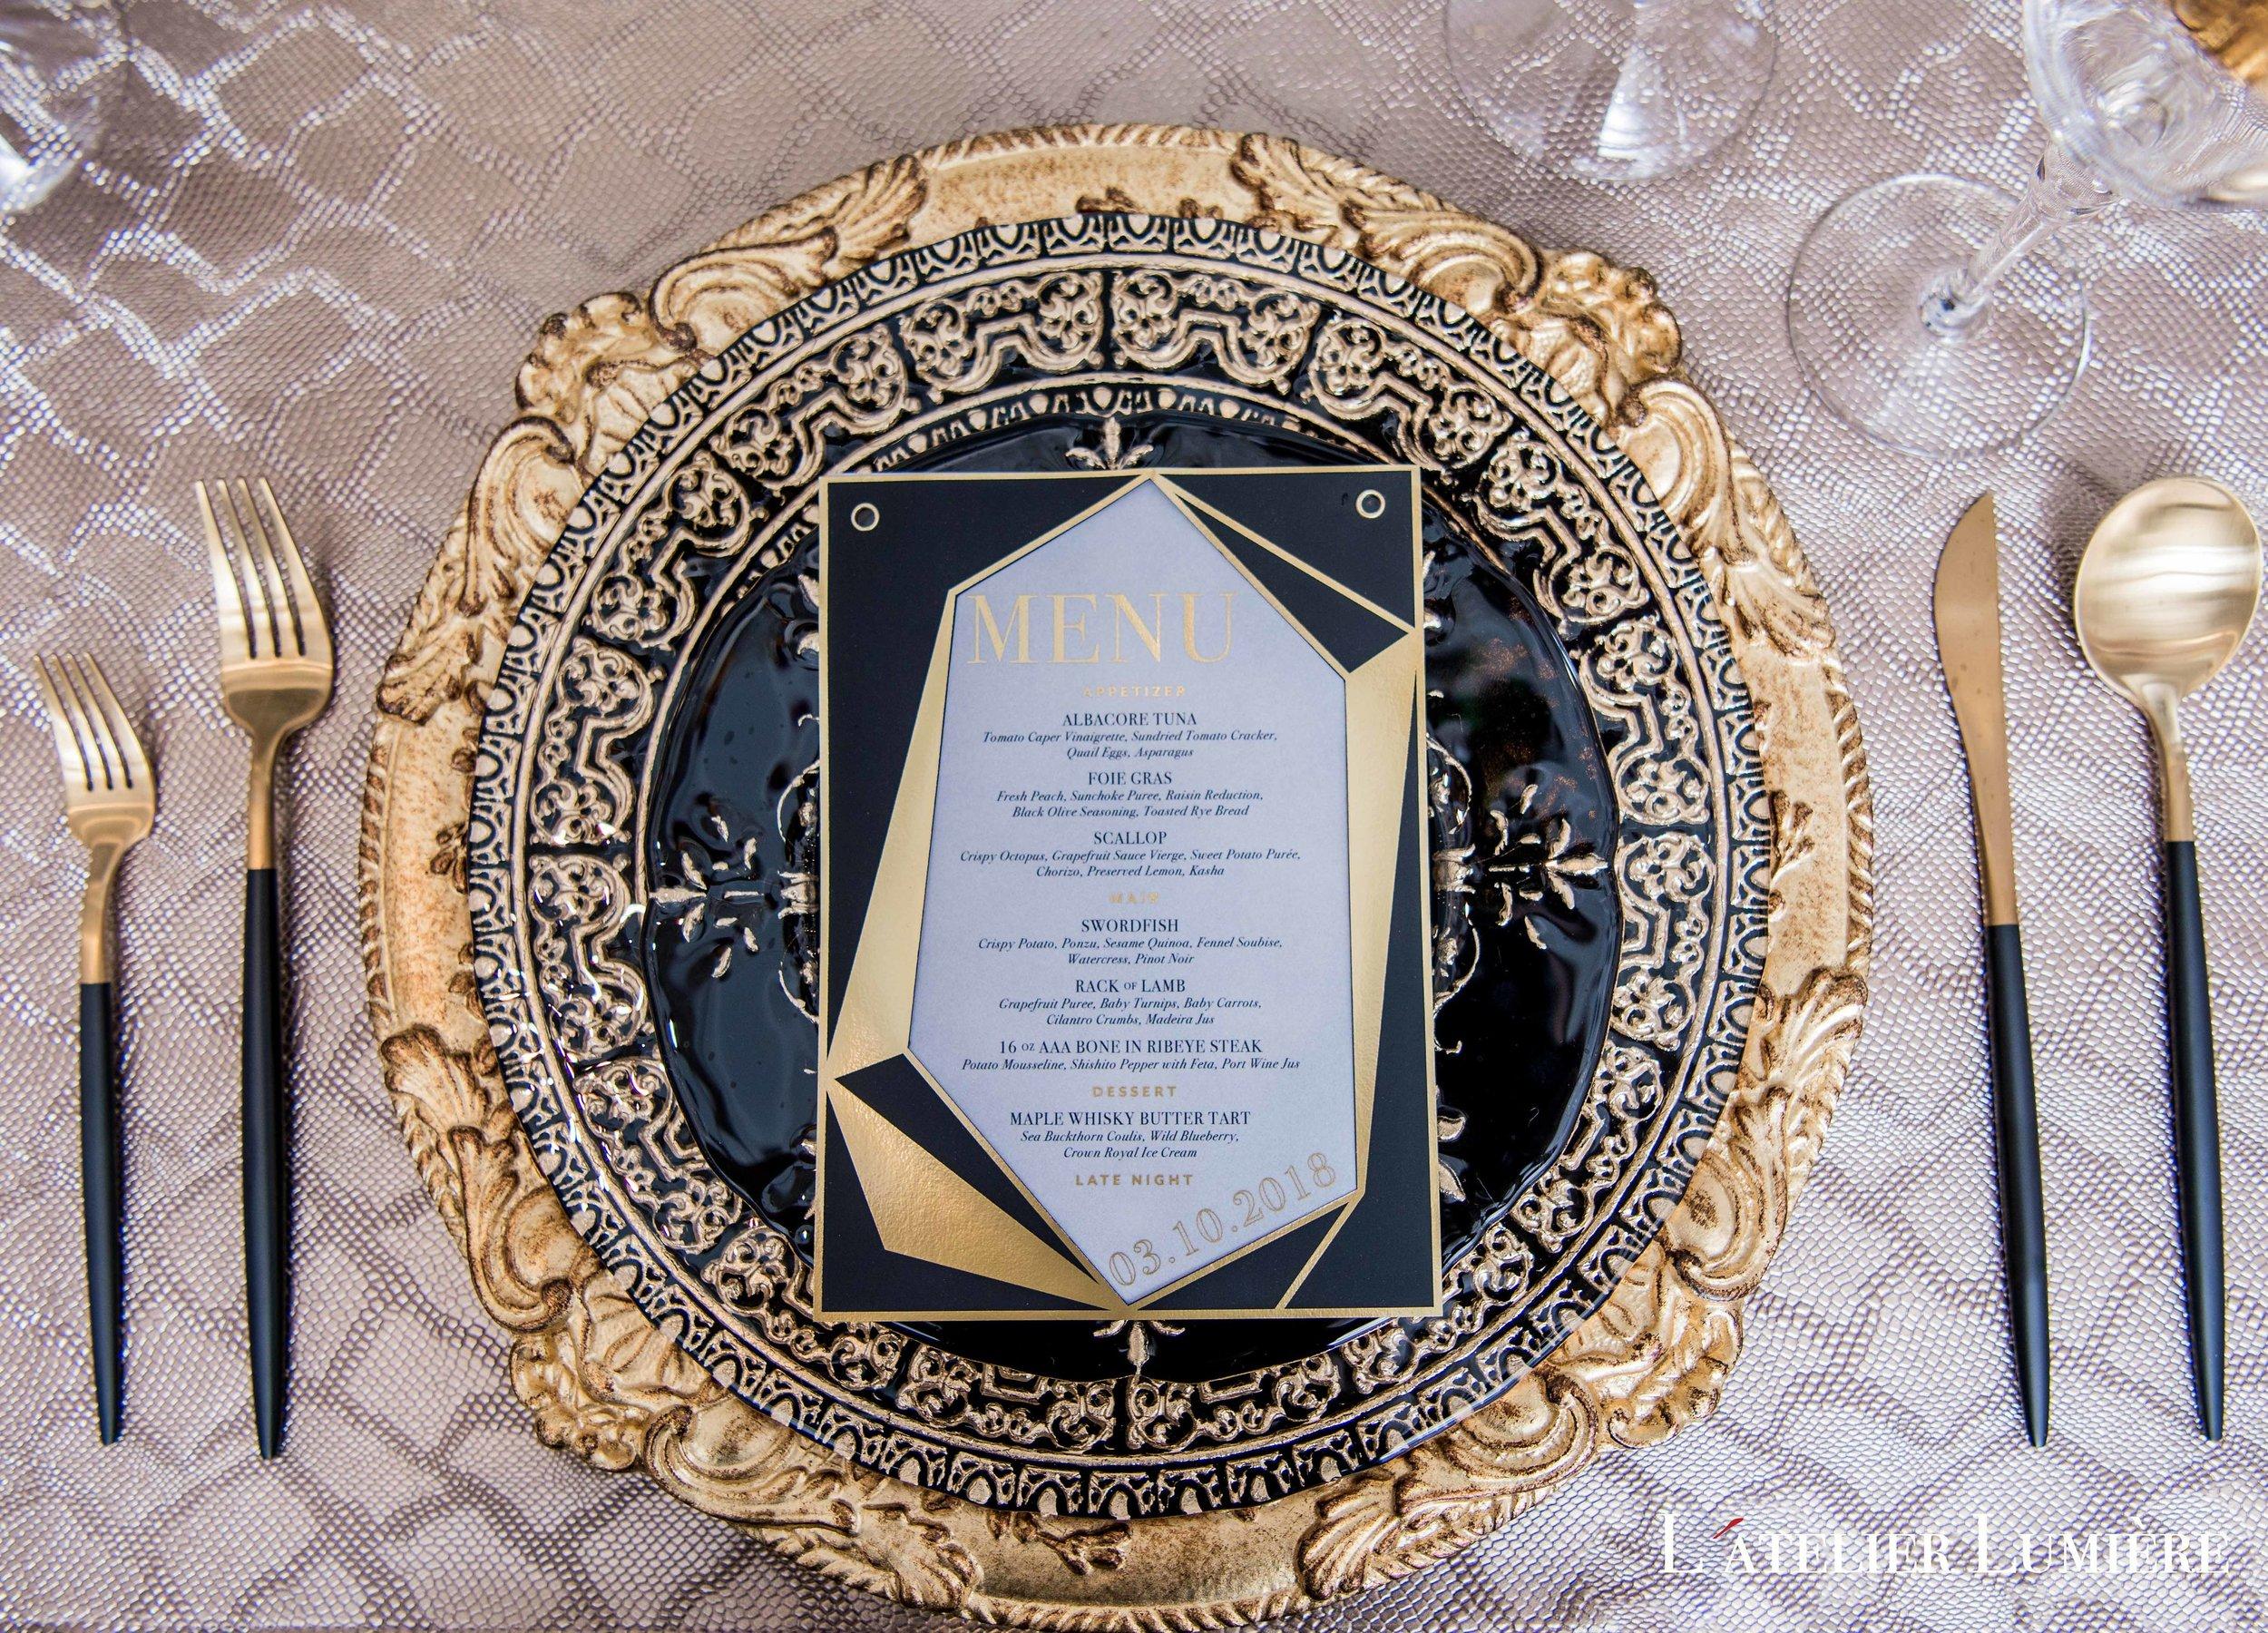 August In Bloom - Tableware and menu - Riri (Grace Ormond Wedding)